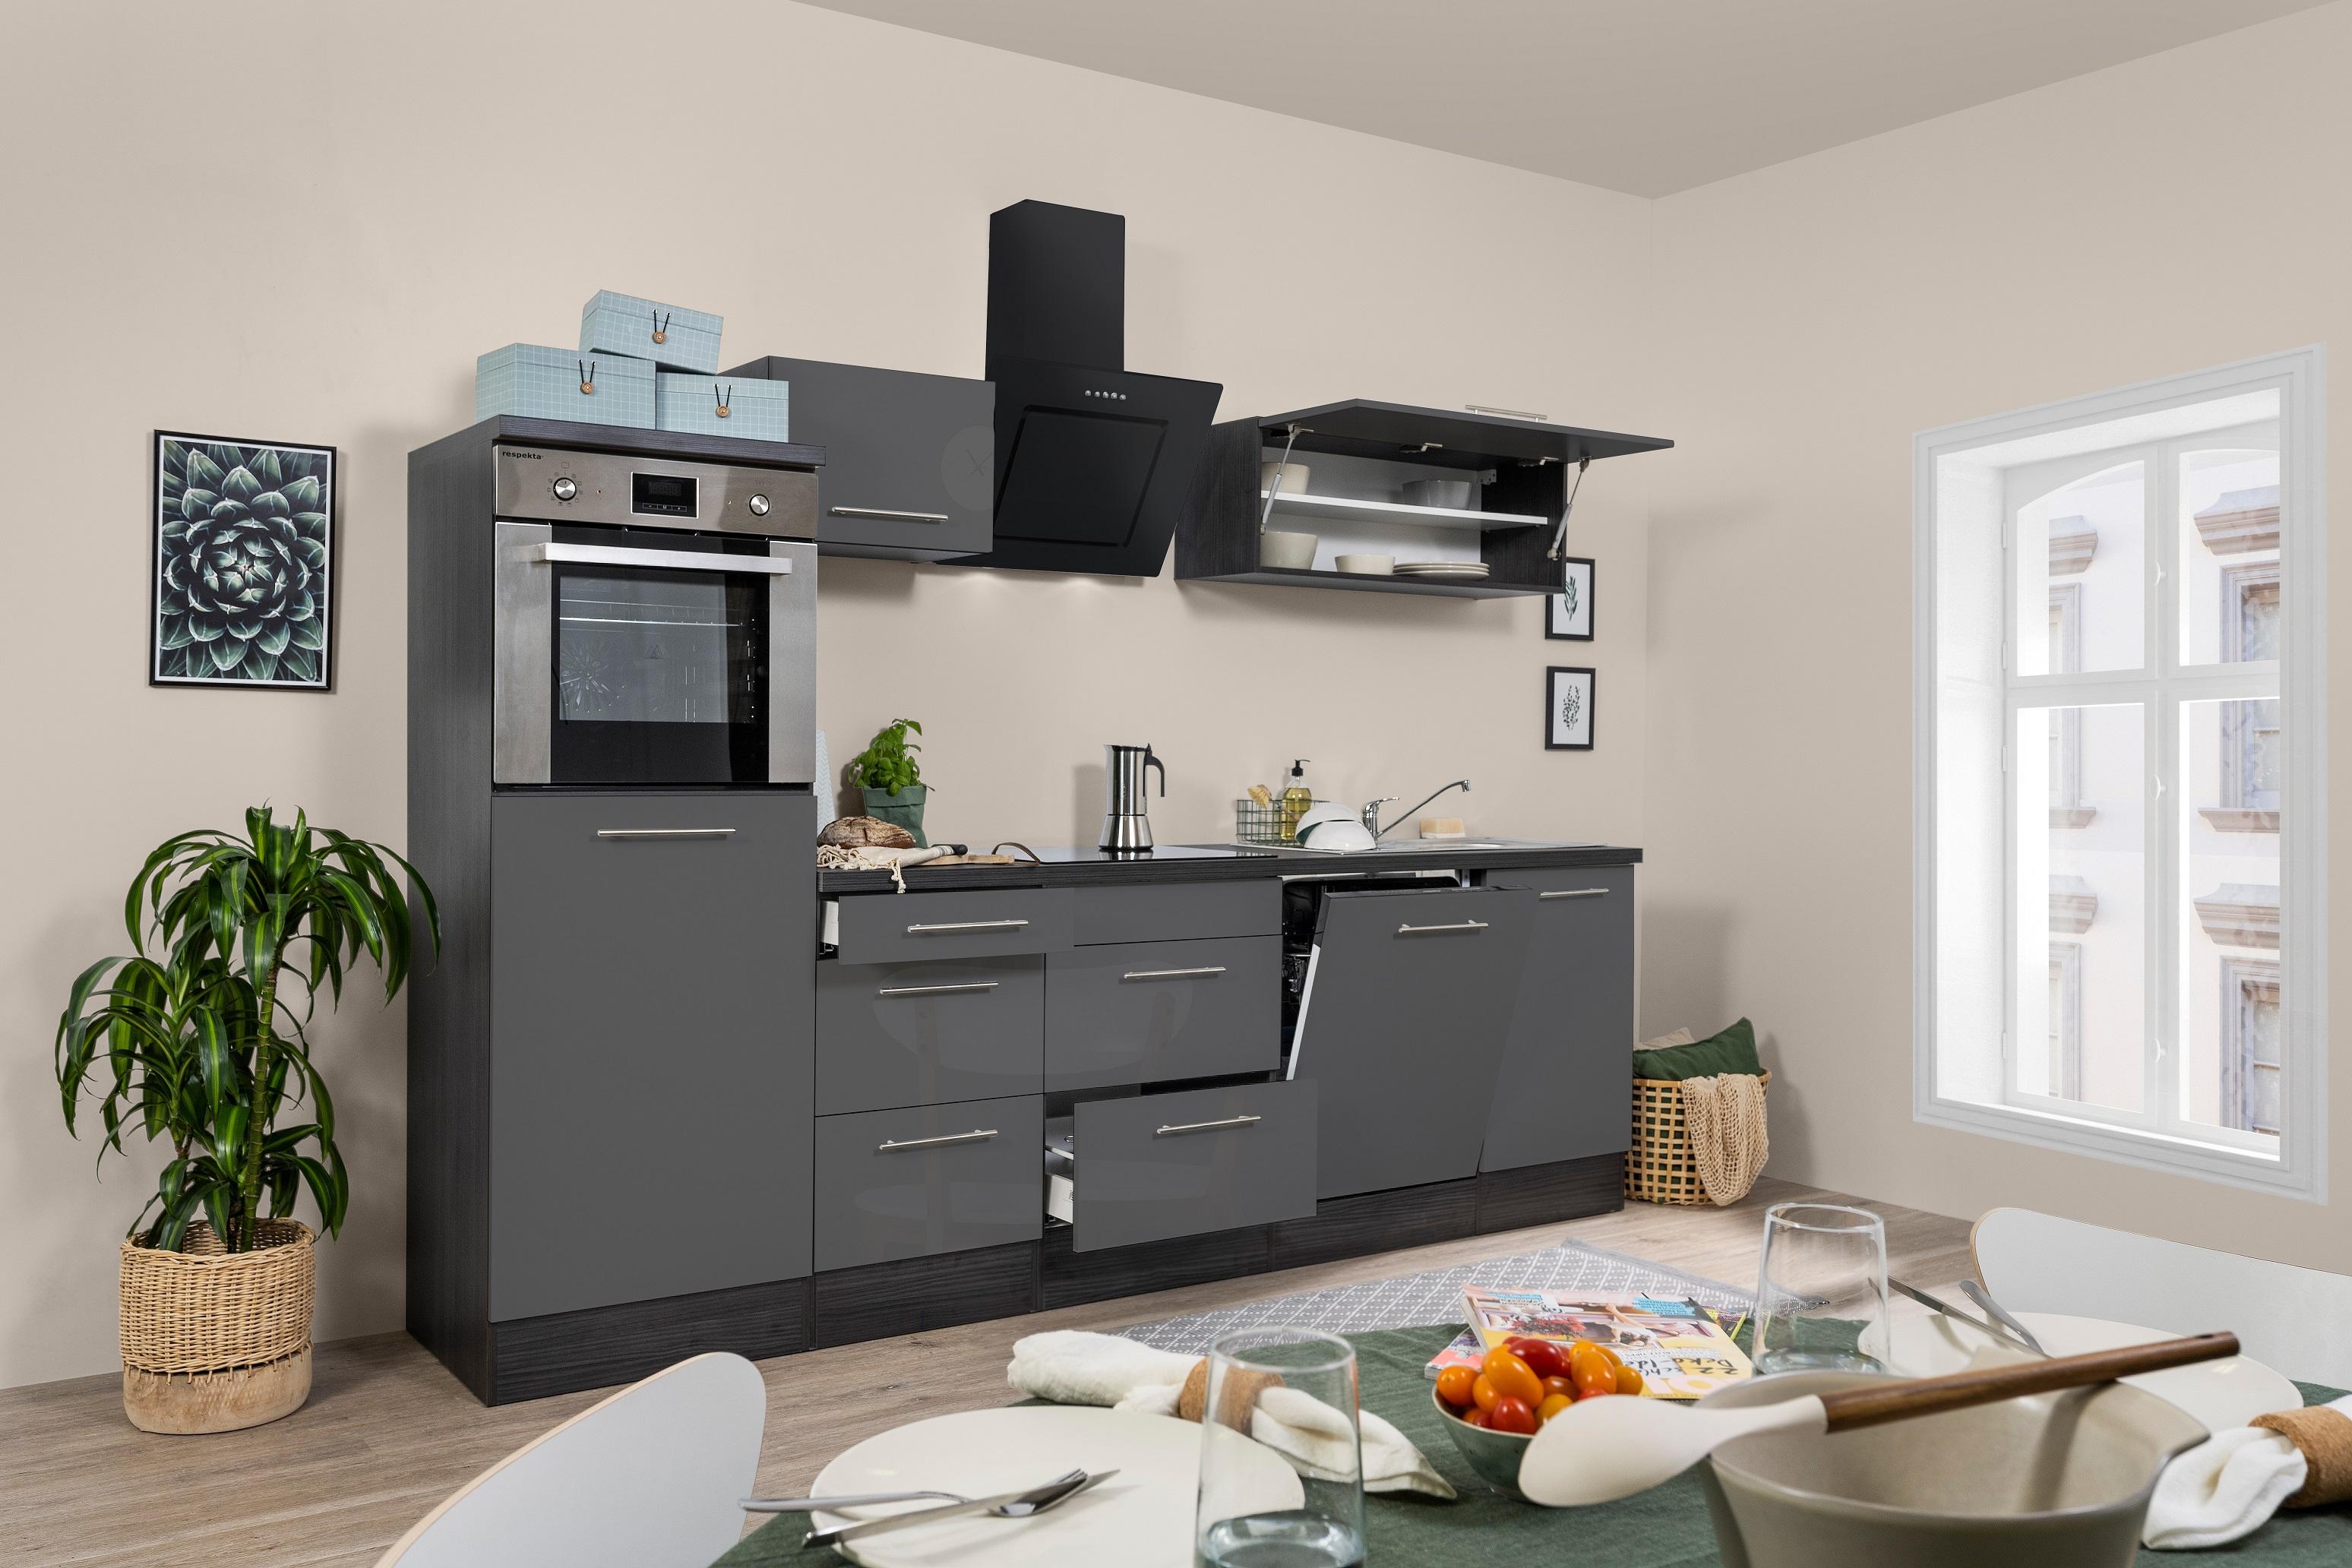 respekta Küchenzeile Küche Küchenblock Einbauküche 280 cm Hochglanz Eiche grau